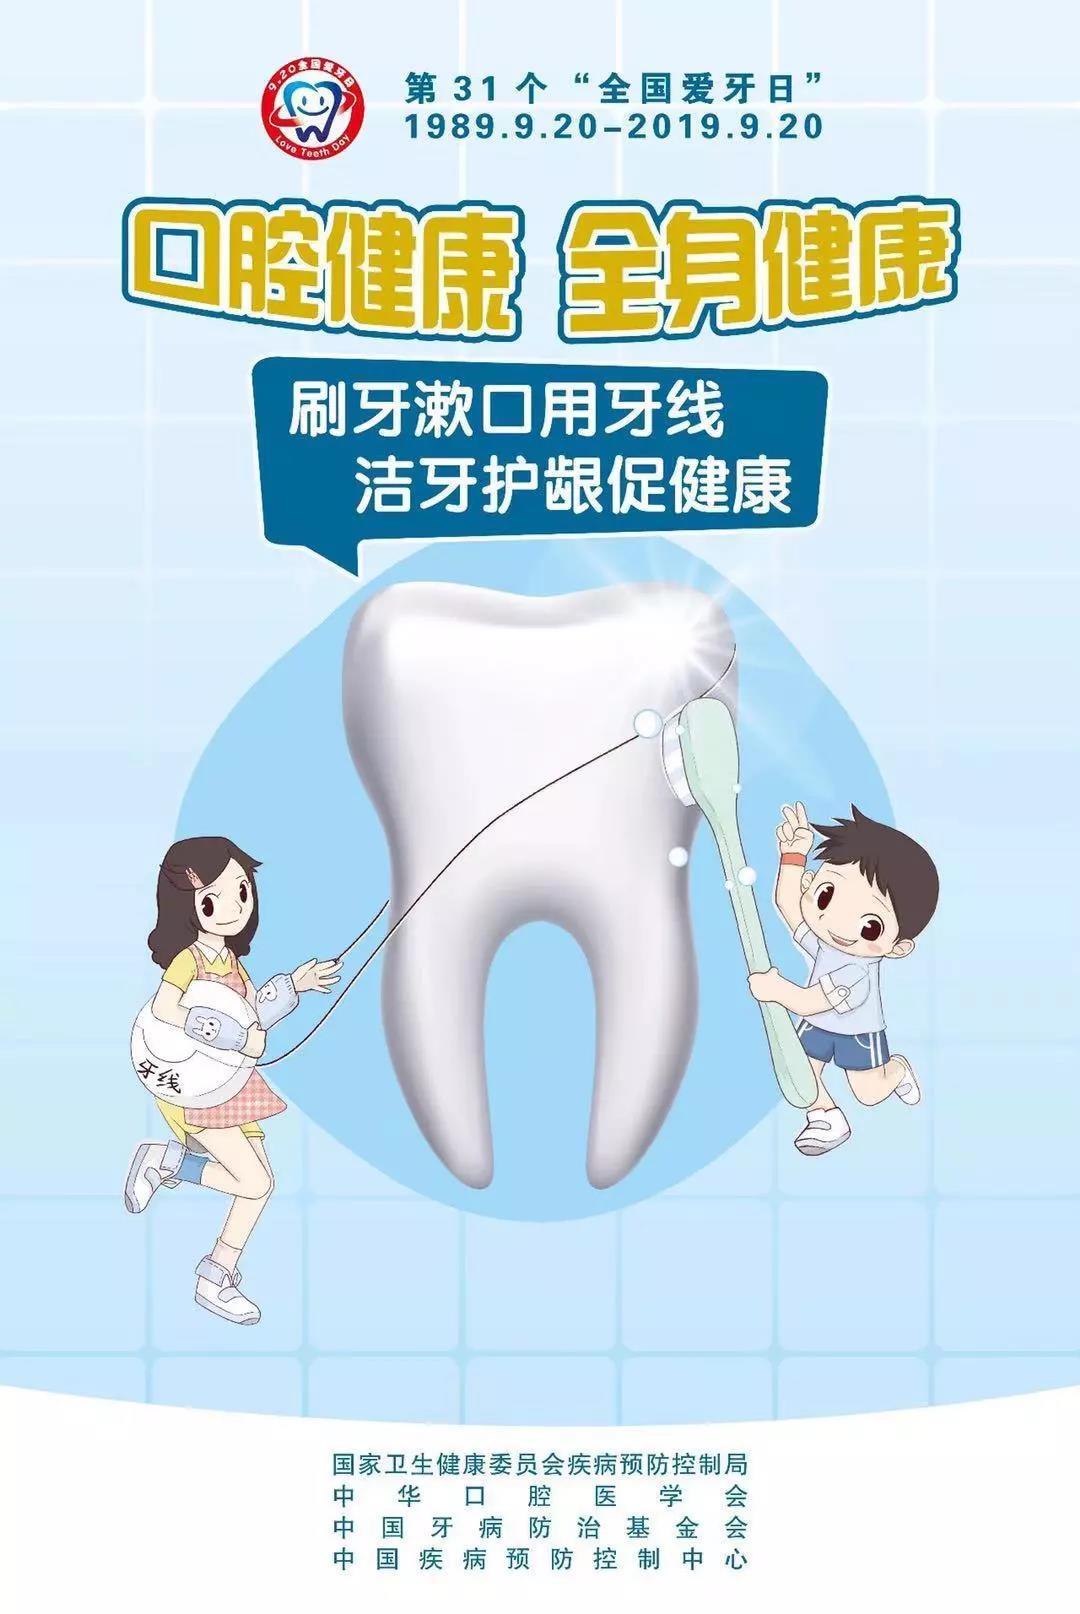 """2019年""""全国爱牙日""""宣传主题公布,倡导8大口腔健康信息"""